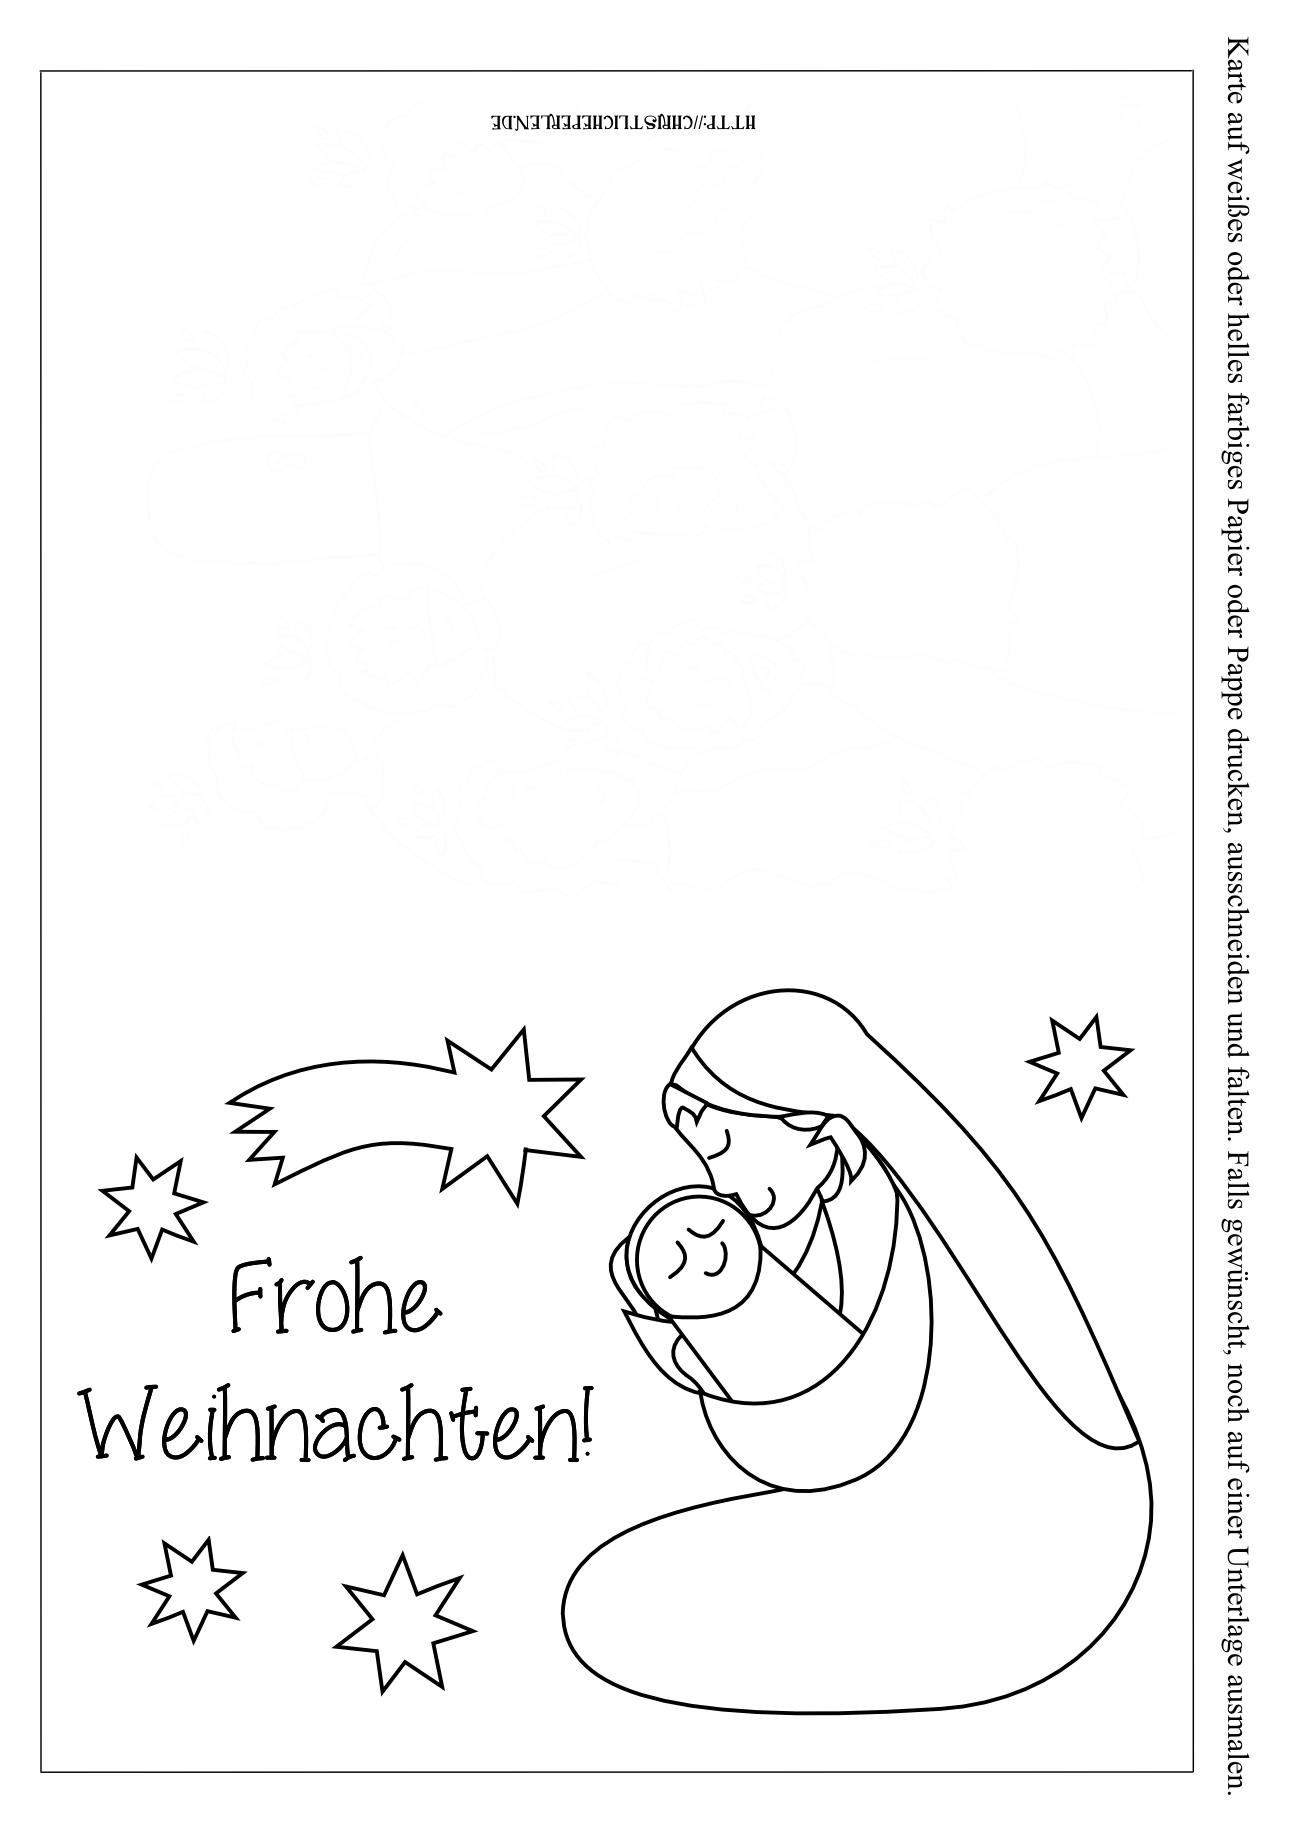 Christliche Weihnachtsbilder Zum Ausdrucken.Ausmalbilder Zu Weihnachten Christliche Perlen Religion Xmas